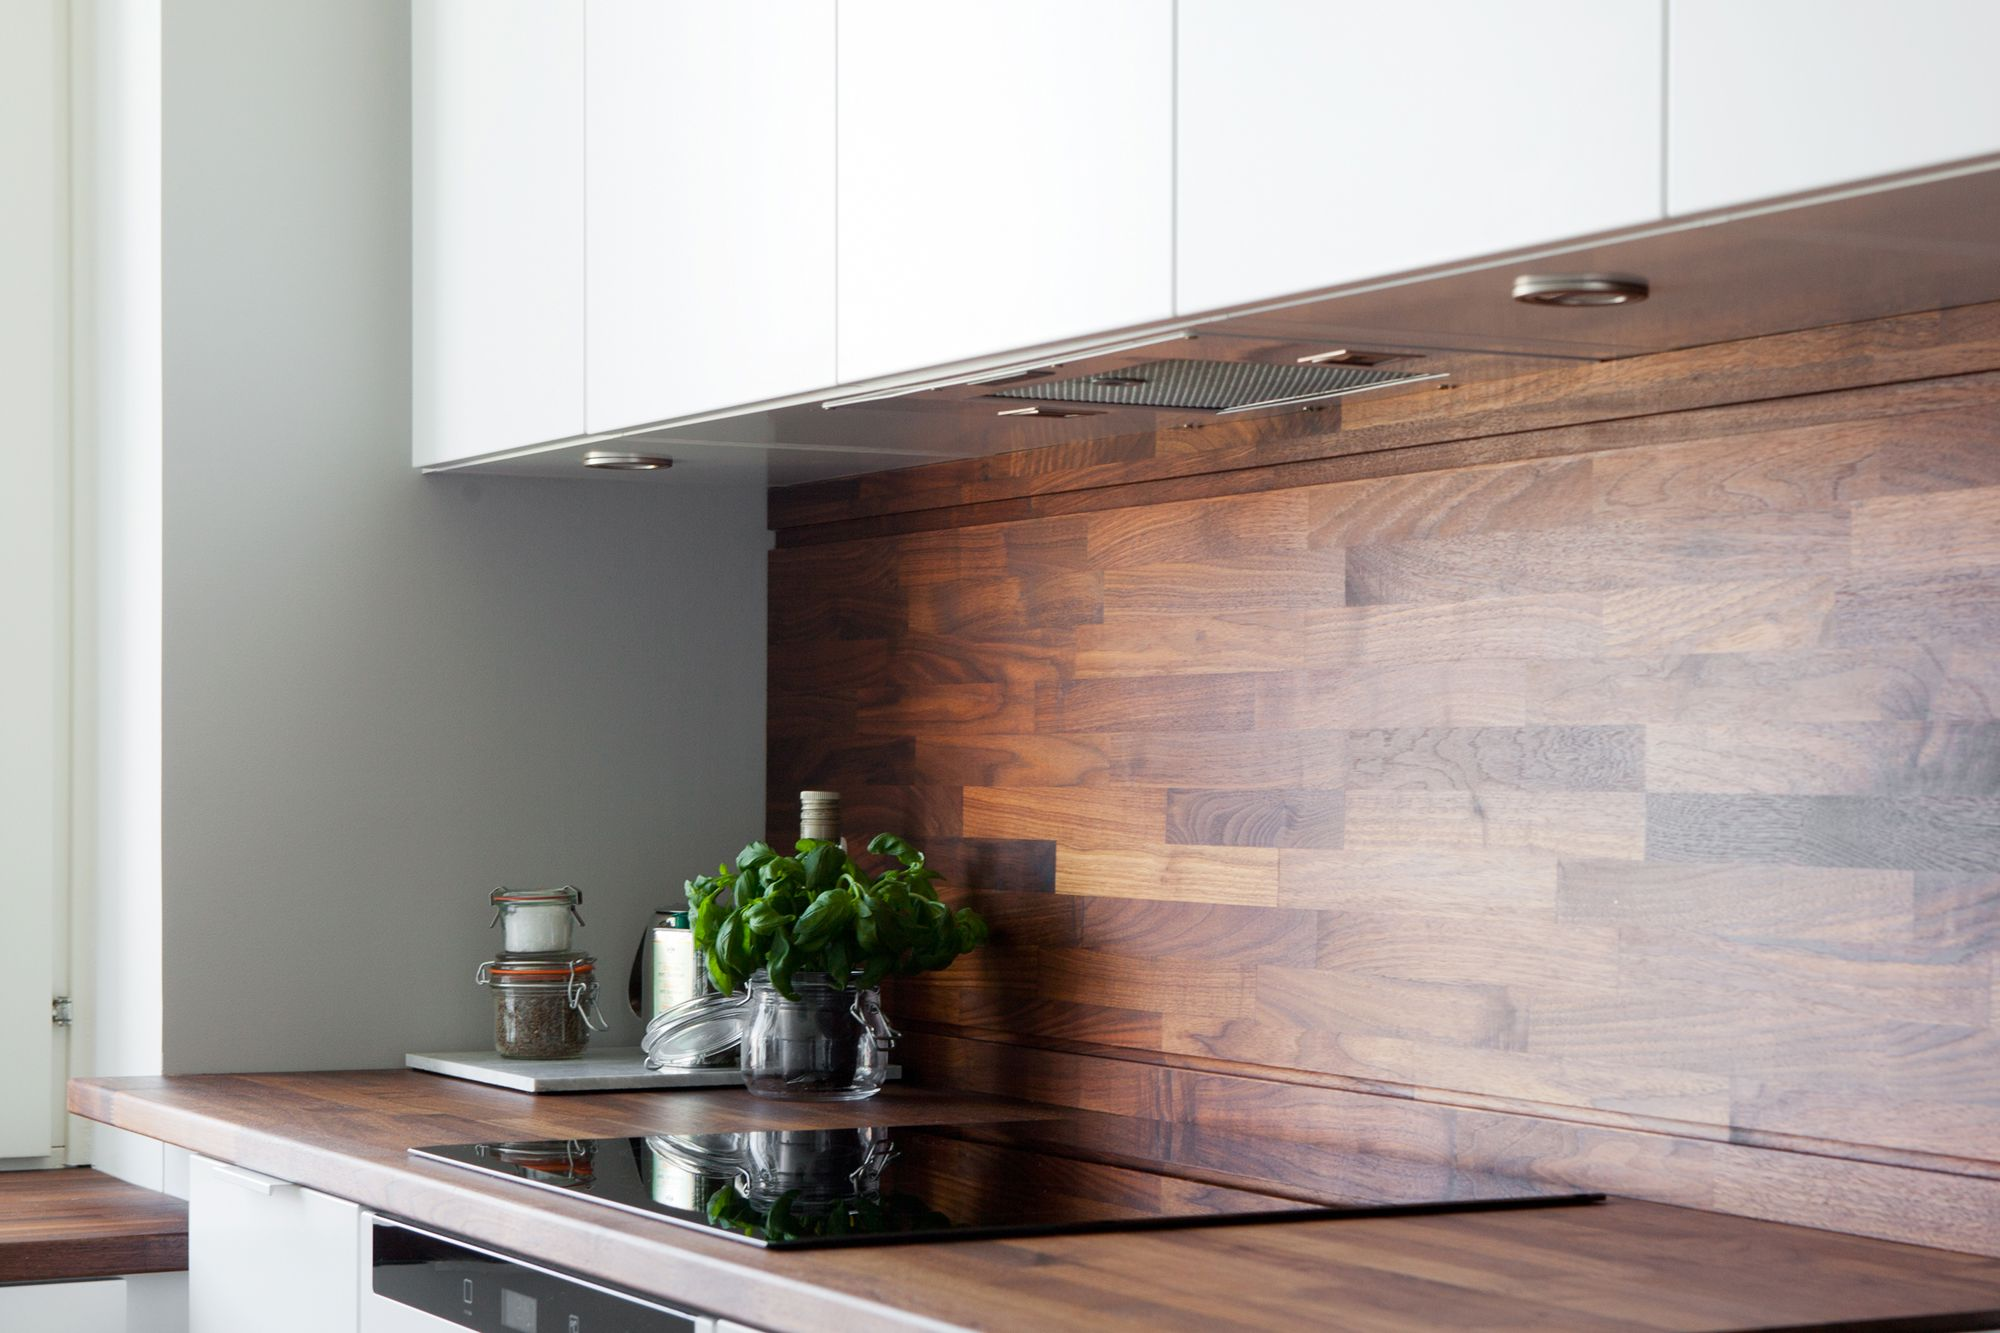 Cocina blanca con revestimiento de madera oscura blog for Encimeras de madera para cocinas